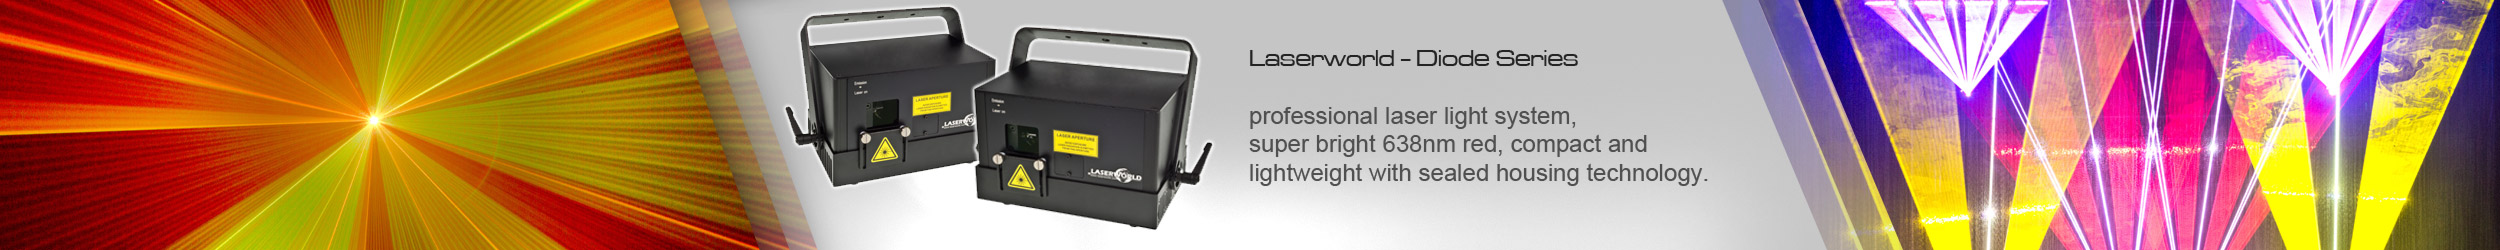 Laserworld-header_DS_series_2016.jpg